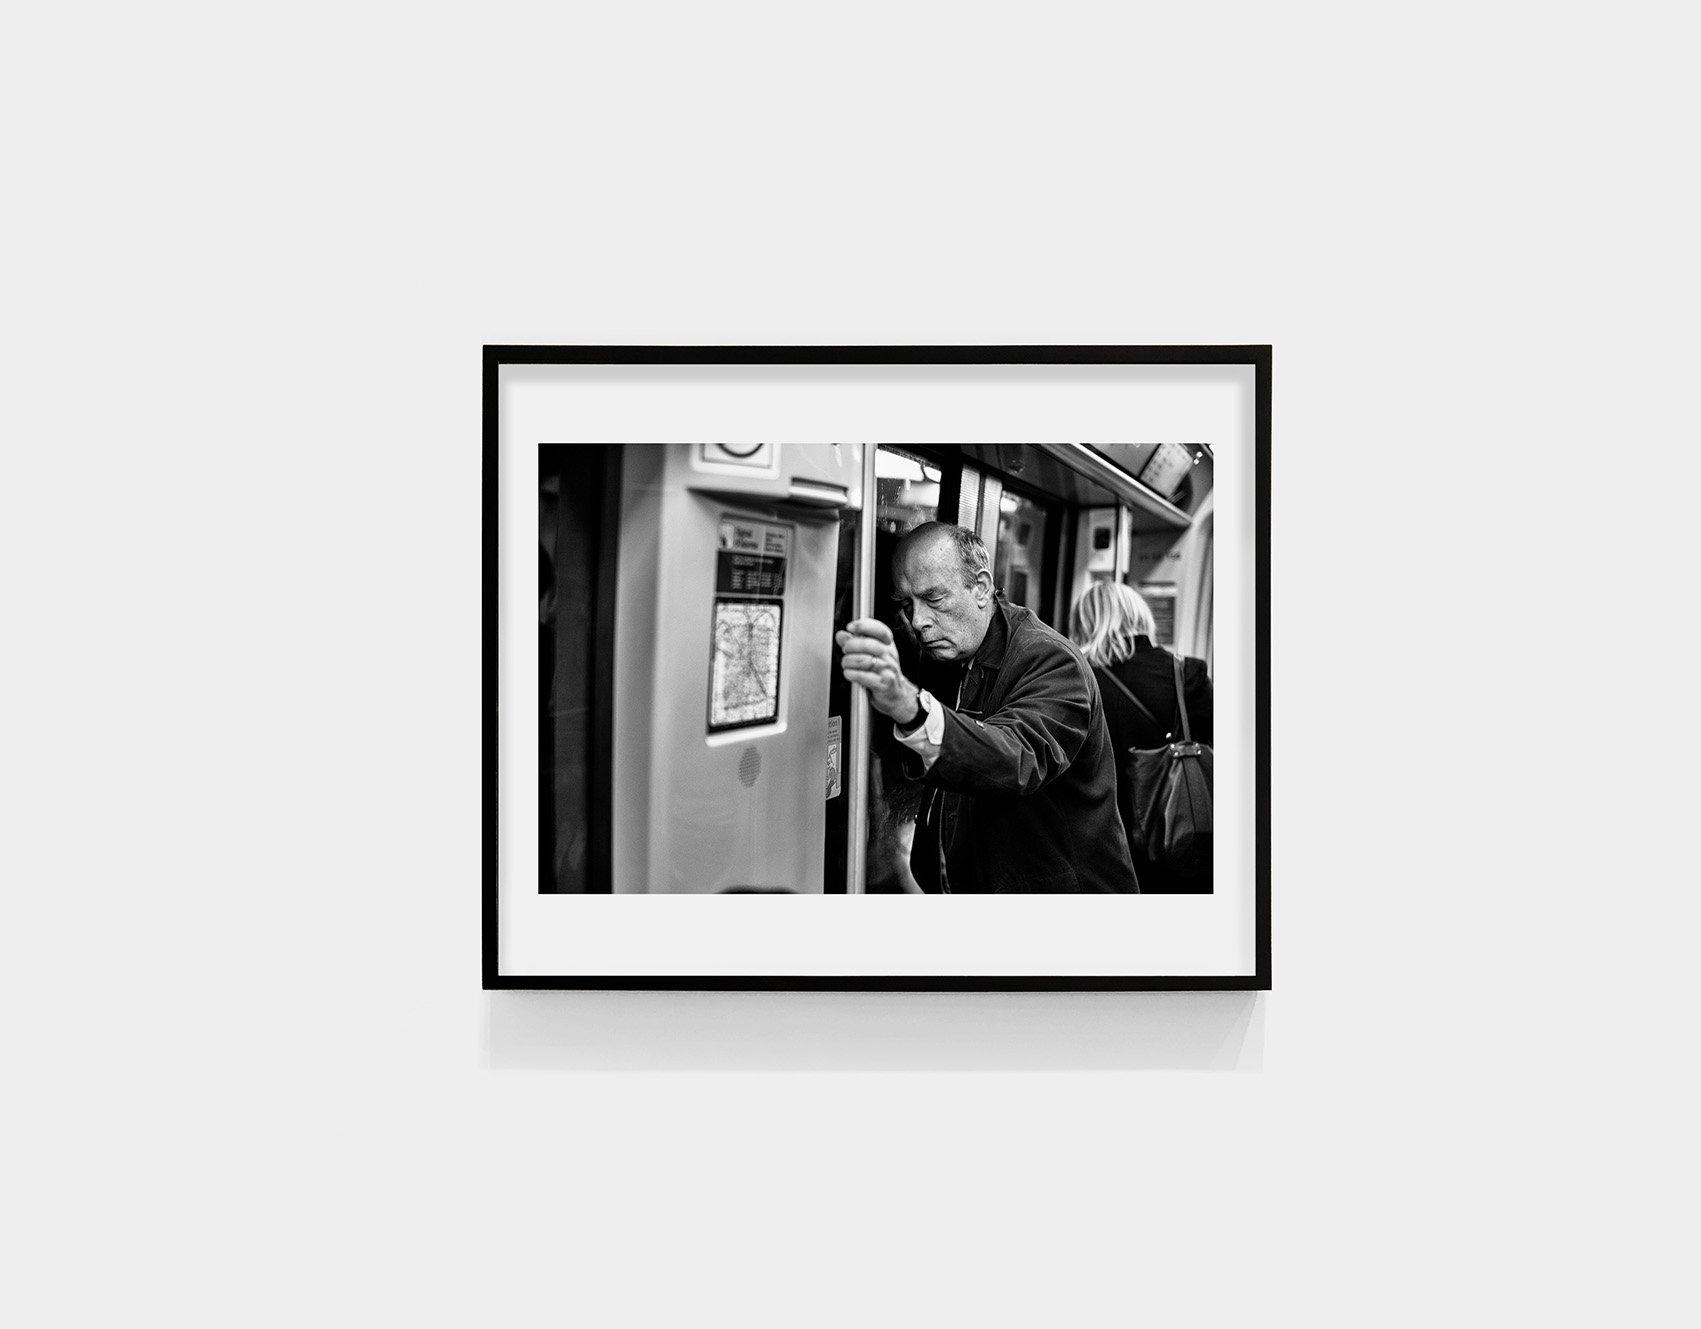 Tirage_Laurent_Delhourme_Metro_Parisien-2